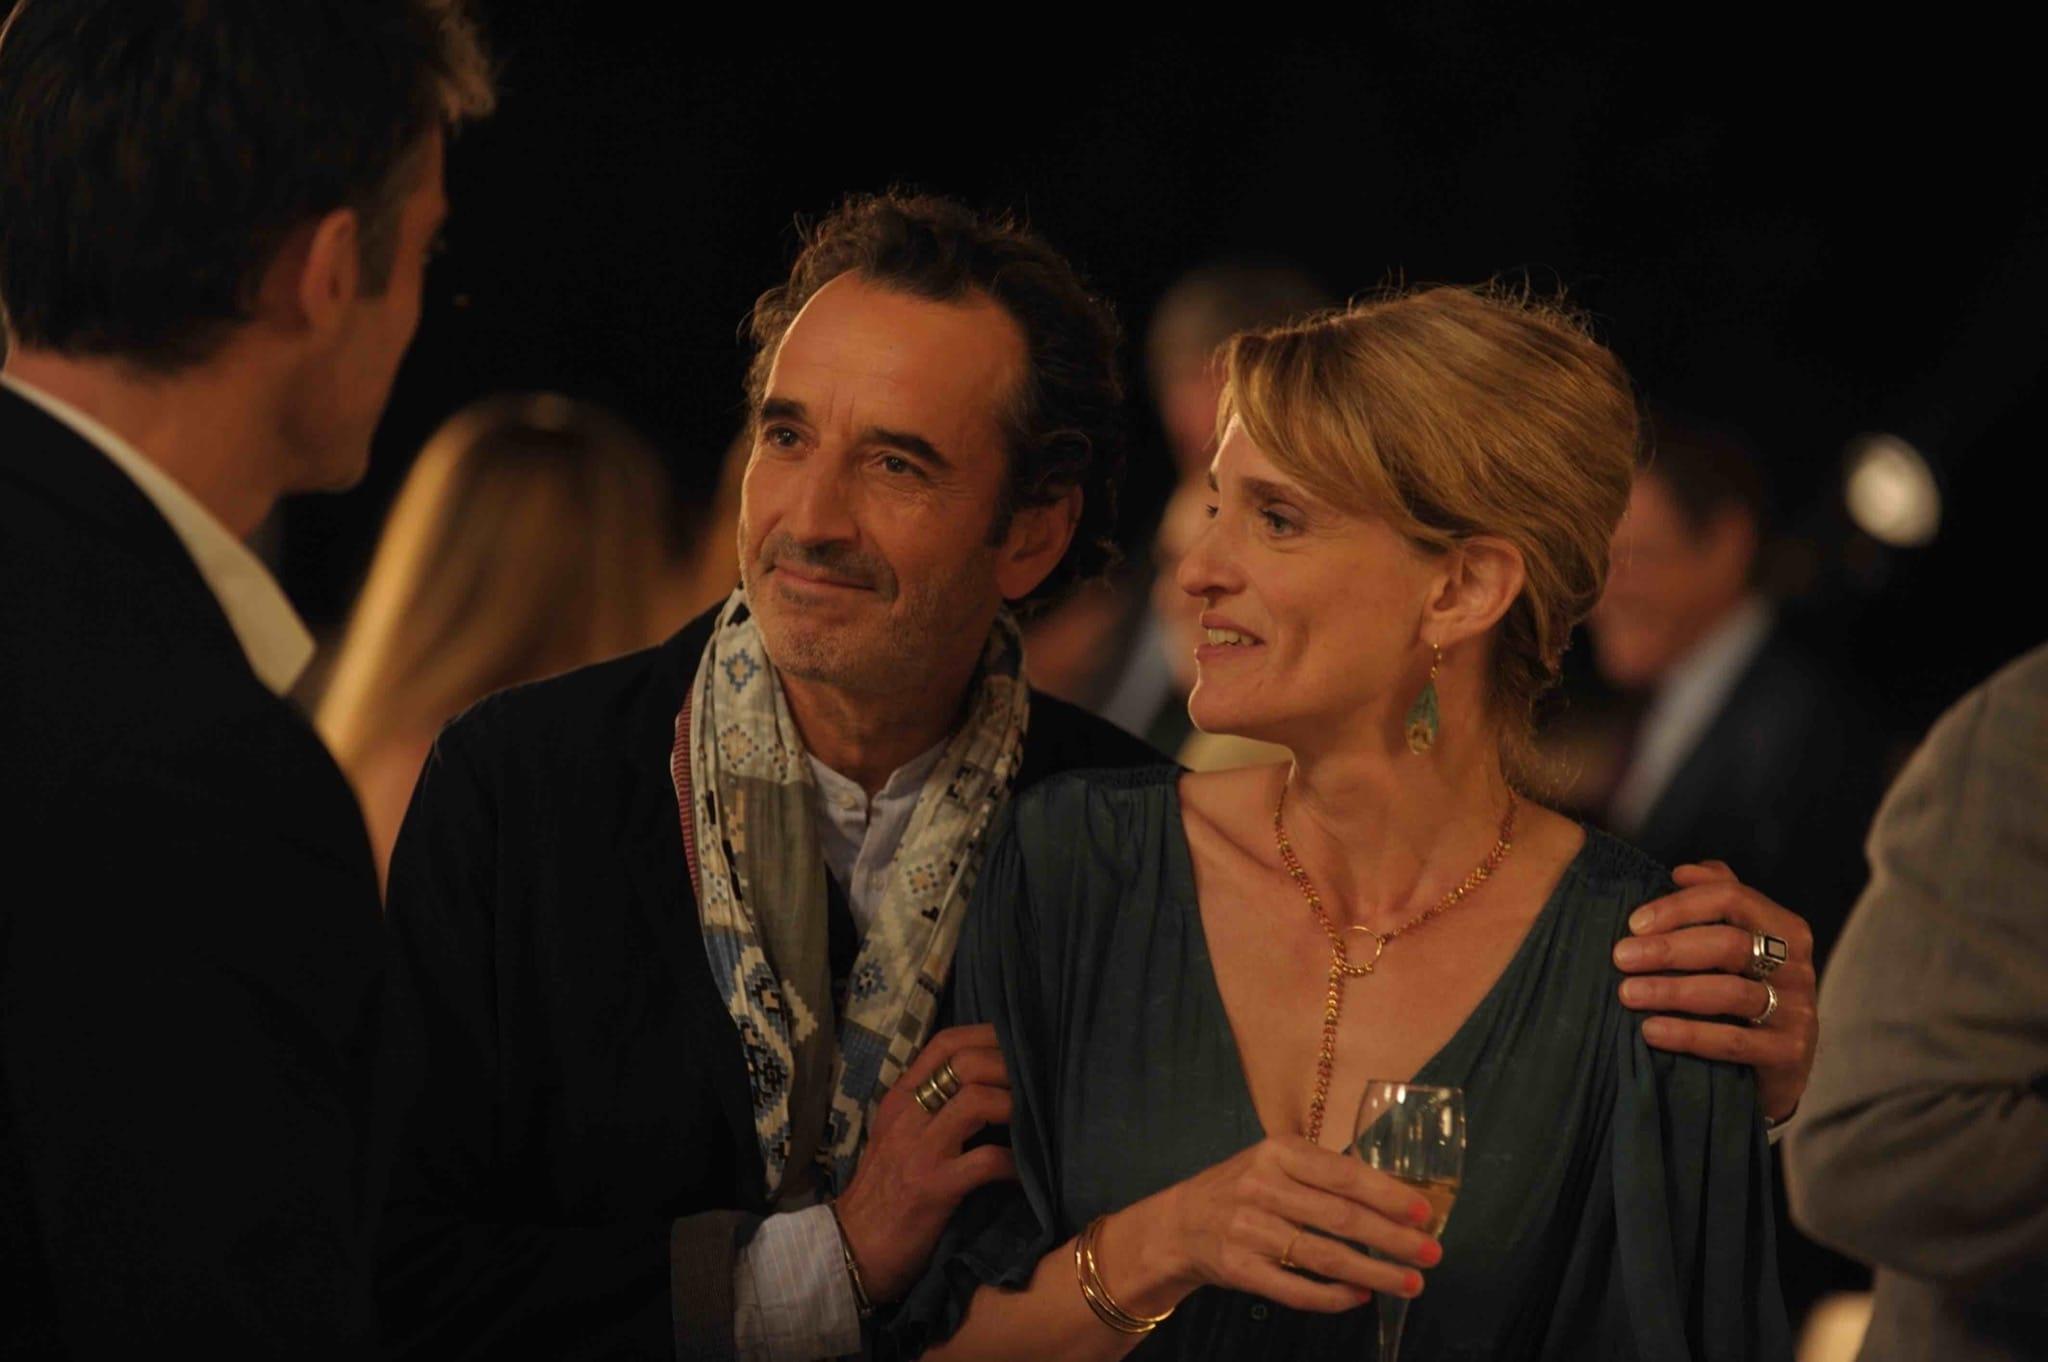 César Wagner épisode Sombres desseins image série télé